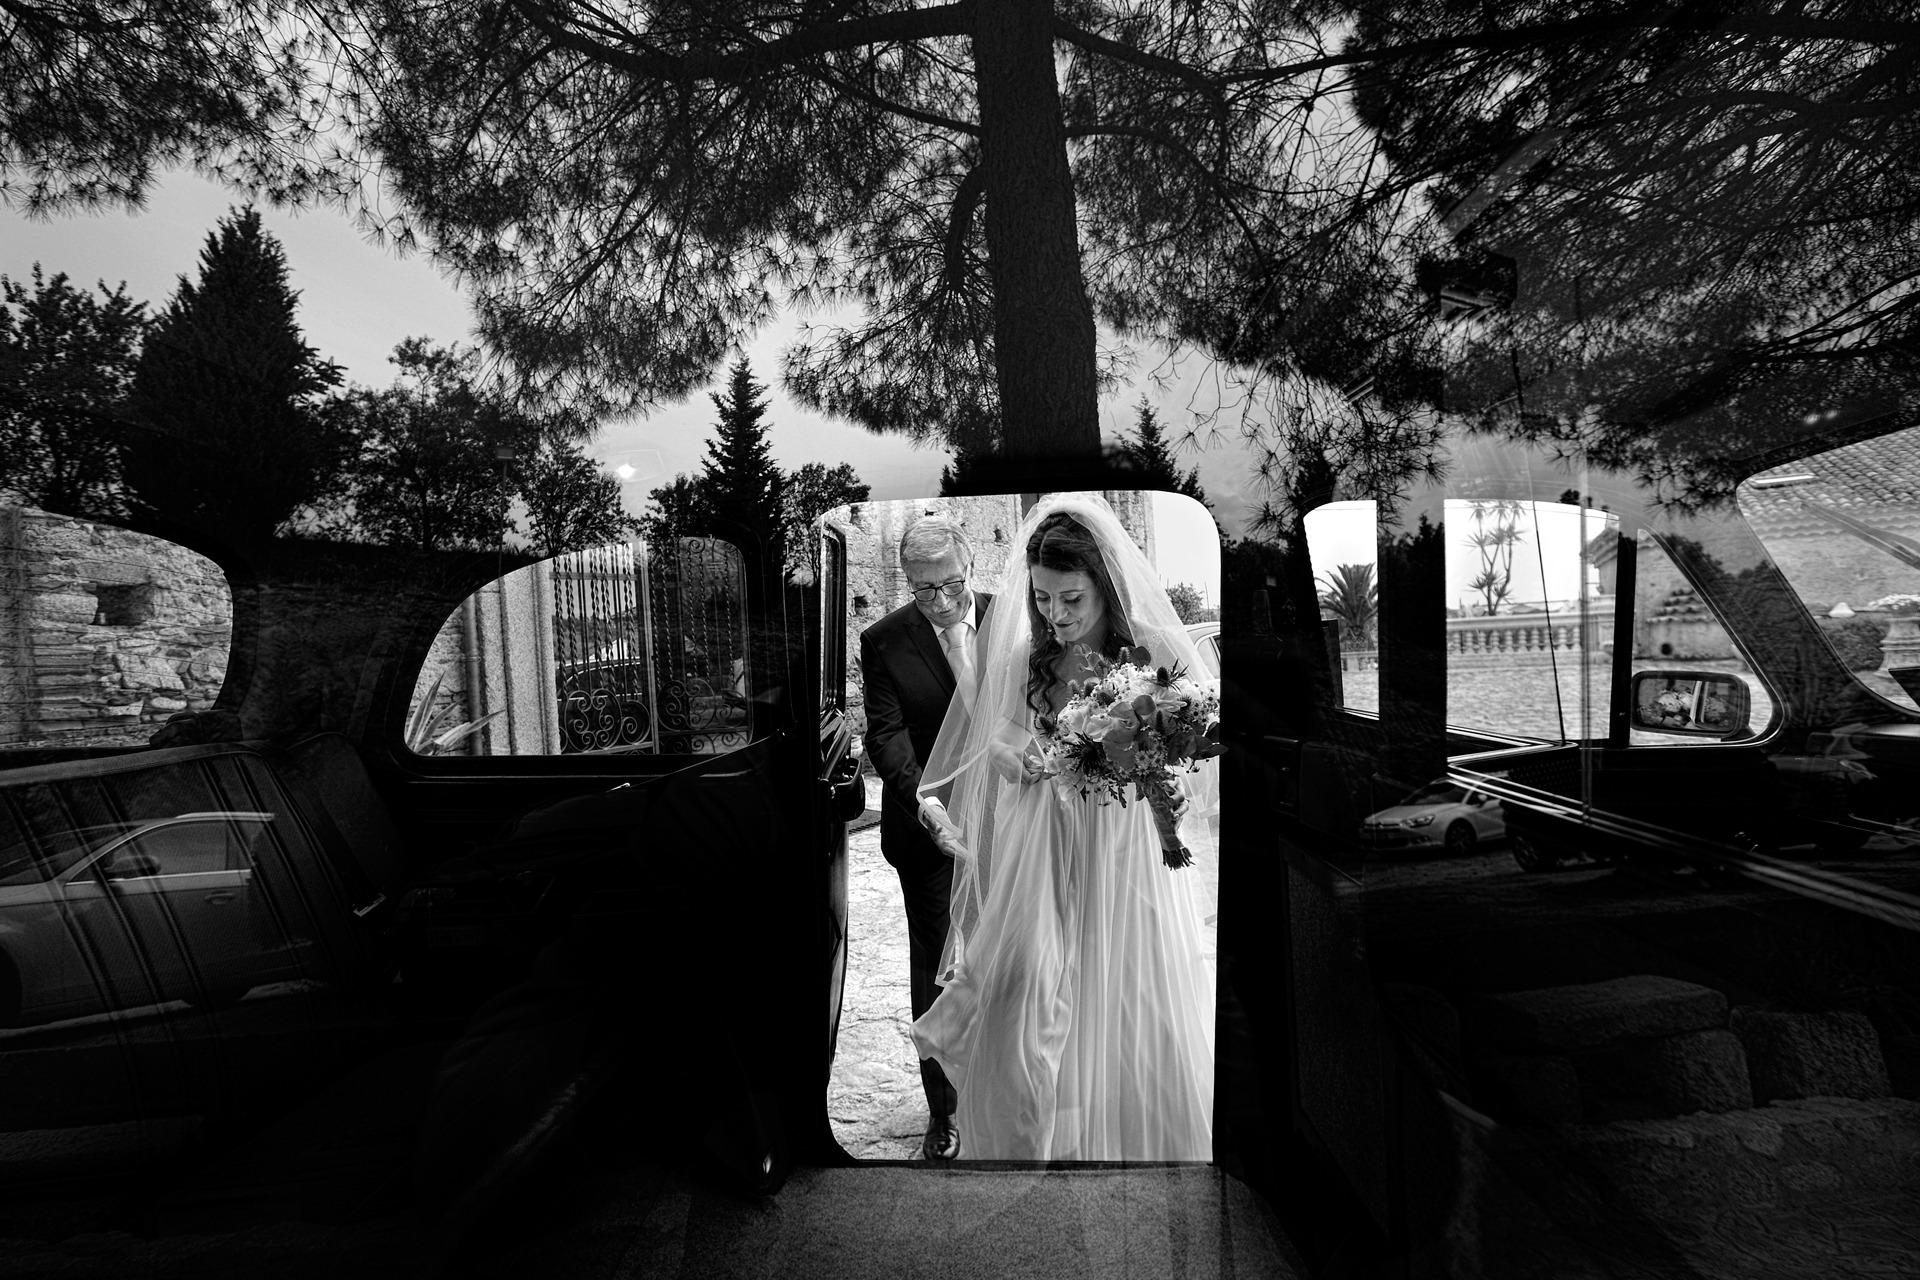 雷焦卡拉布里亚的Danilo Coluccio是一位婚礼摄影师